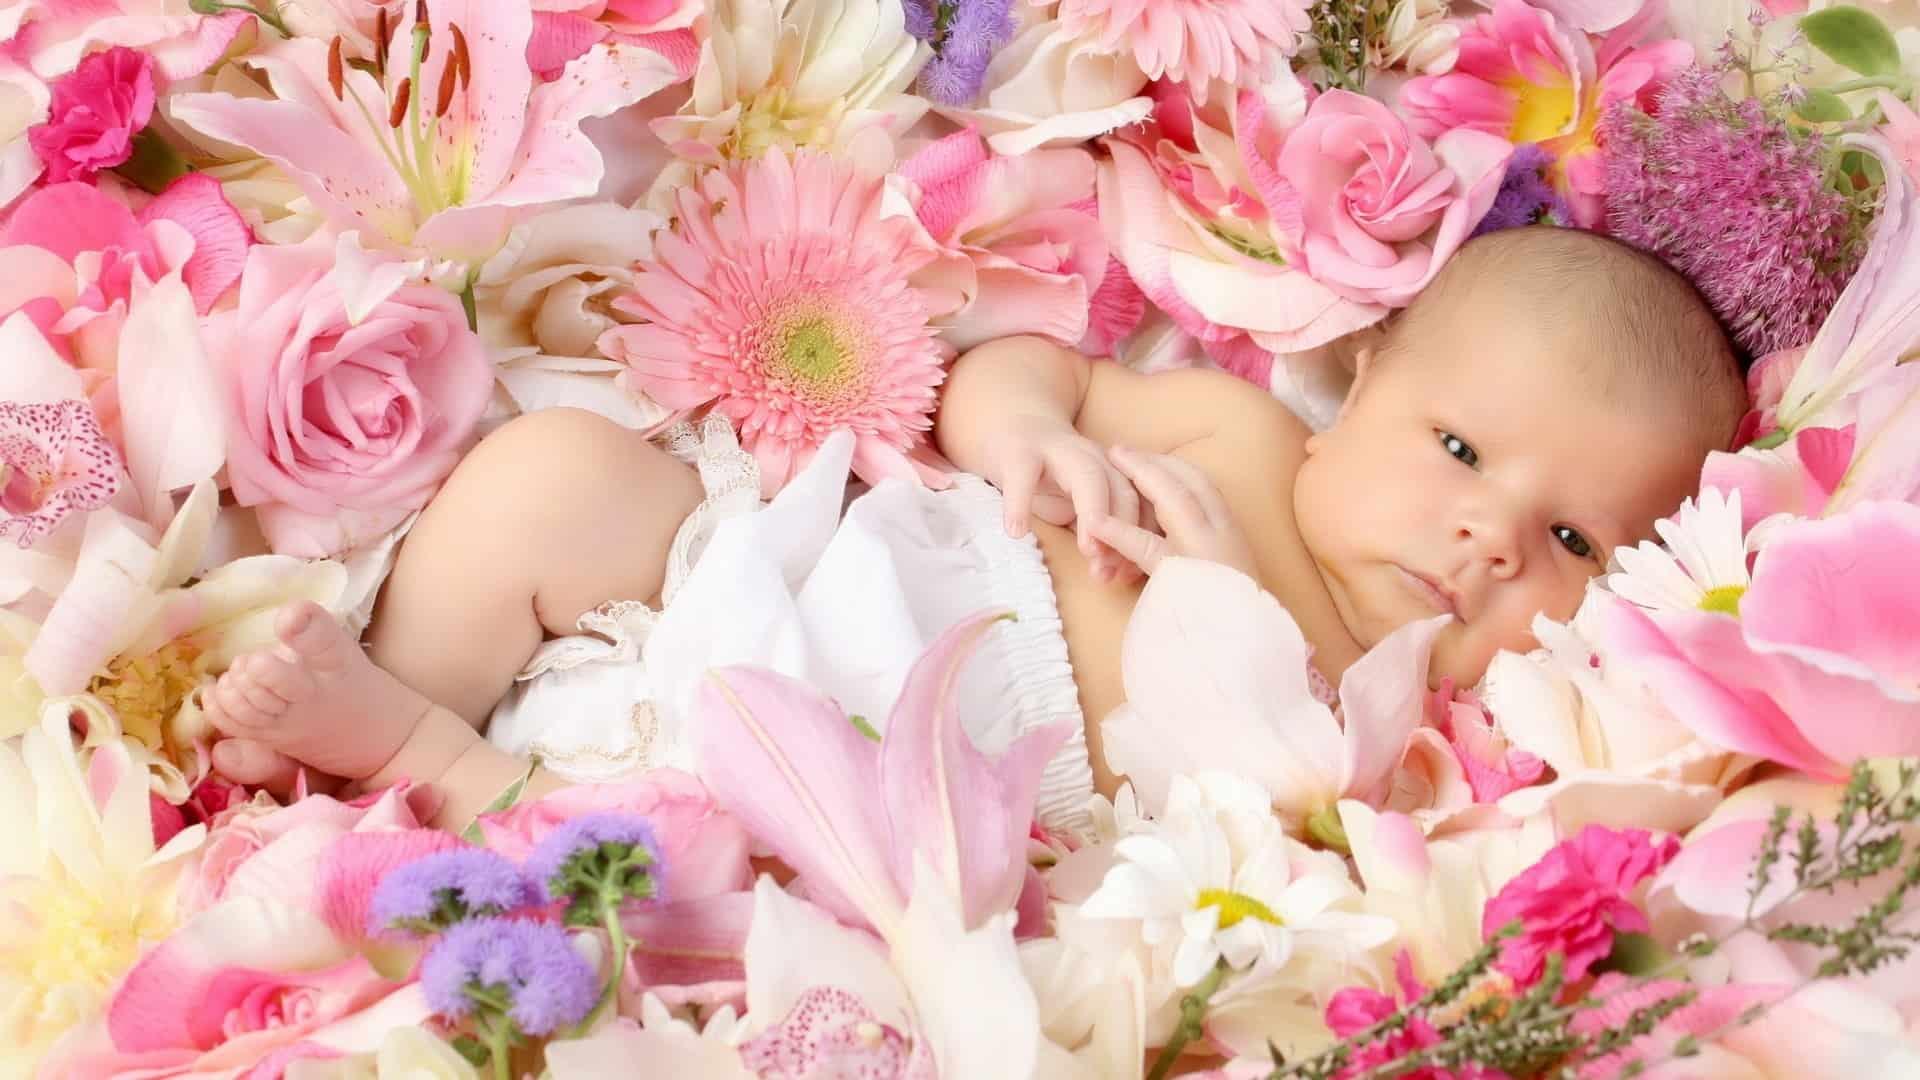 Baby Wallpaper 012